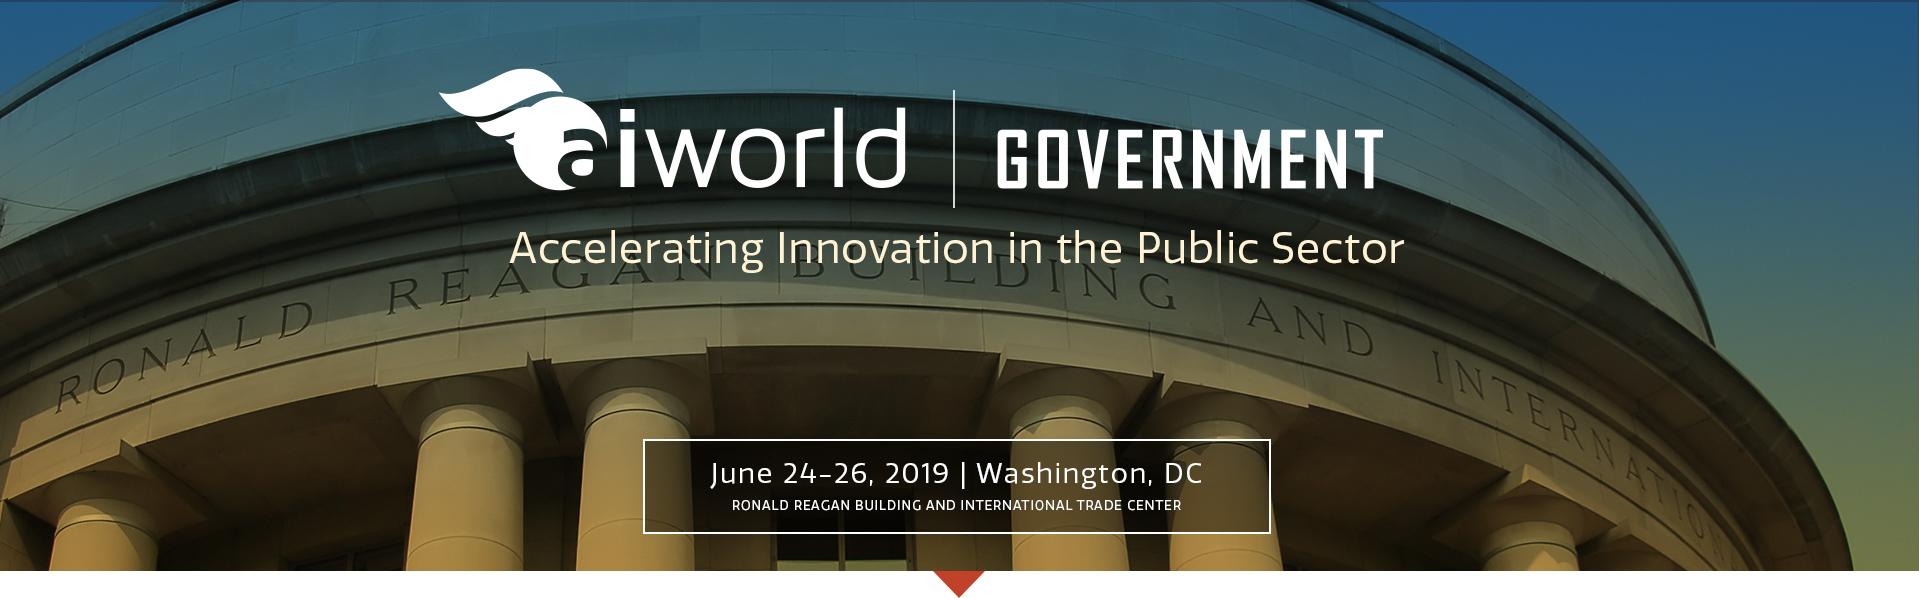 AI World Government Conference Venue Image